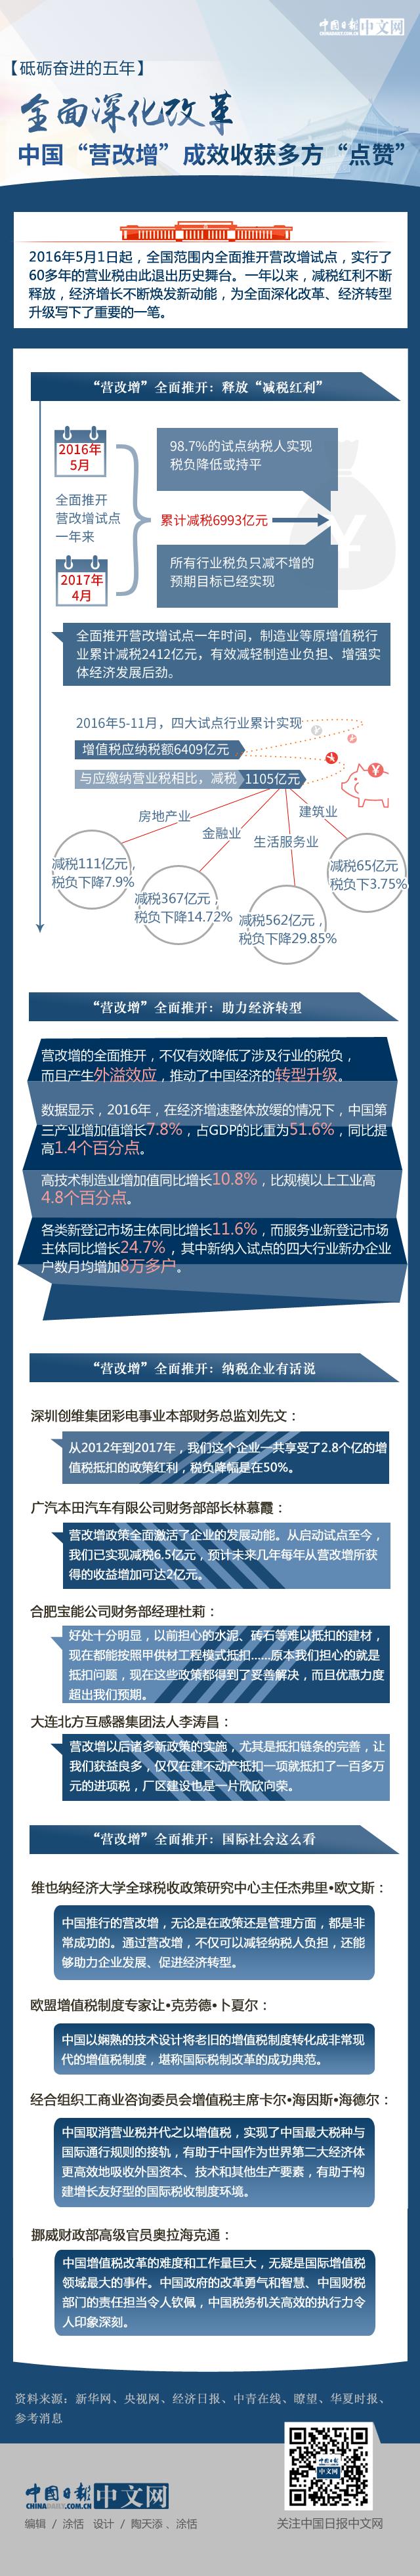 """【砥砺奋进的五年】全面深化改革:中国""""营改增""""成效收获多方""""点赞"""""""